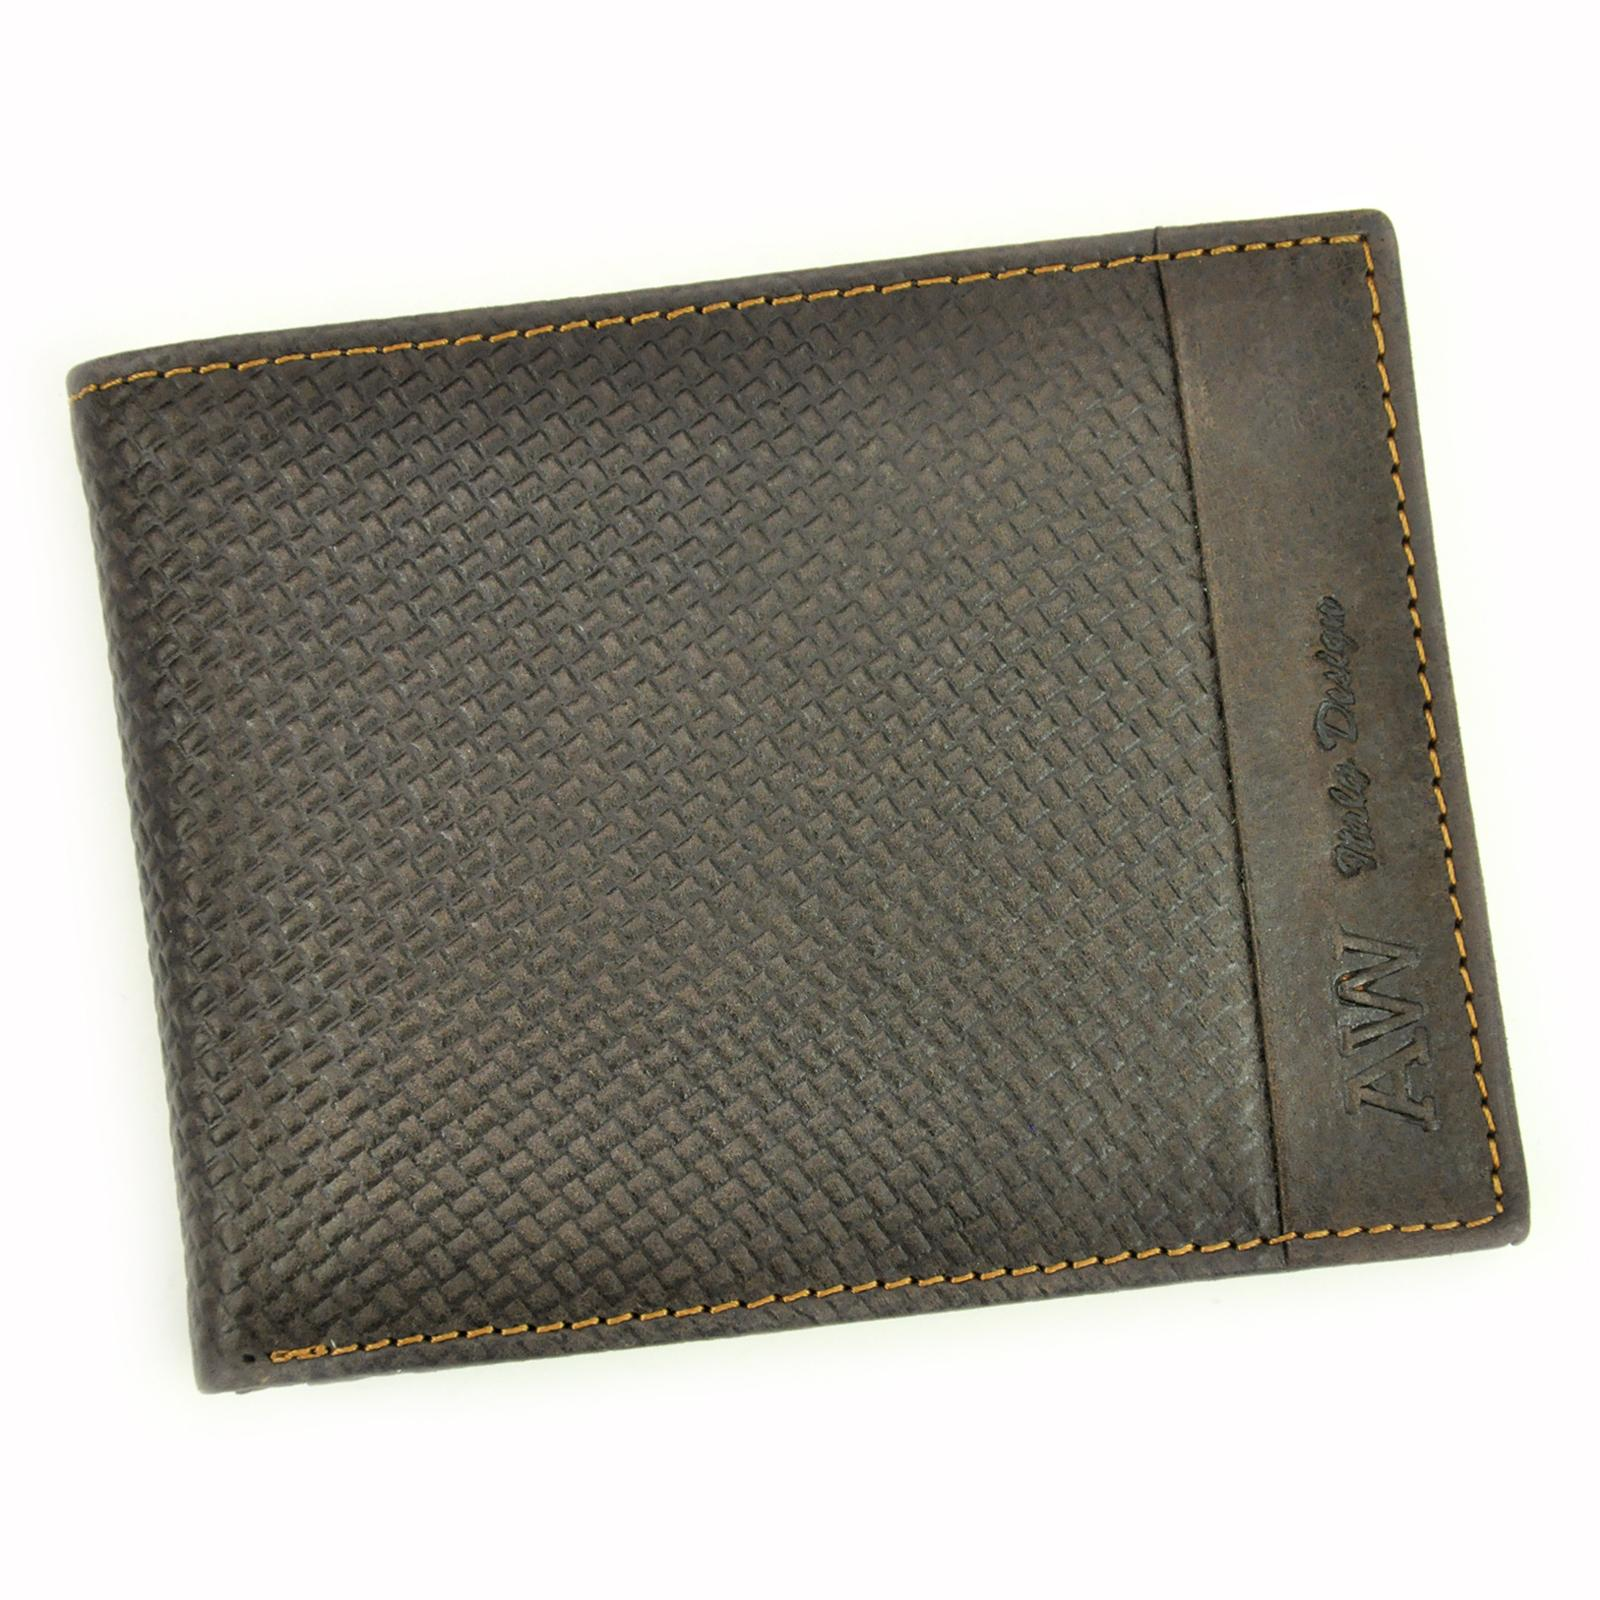 Peňaženka so štruktúrovaným povrchom.